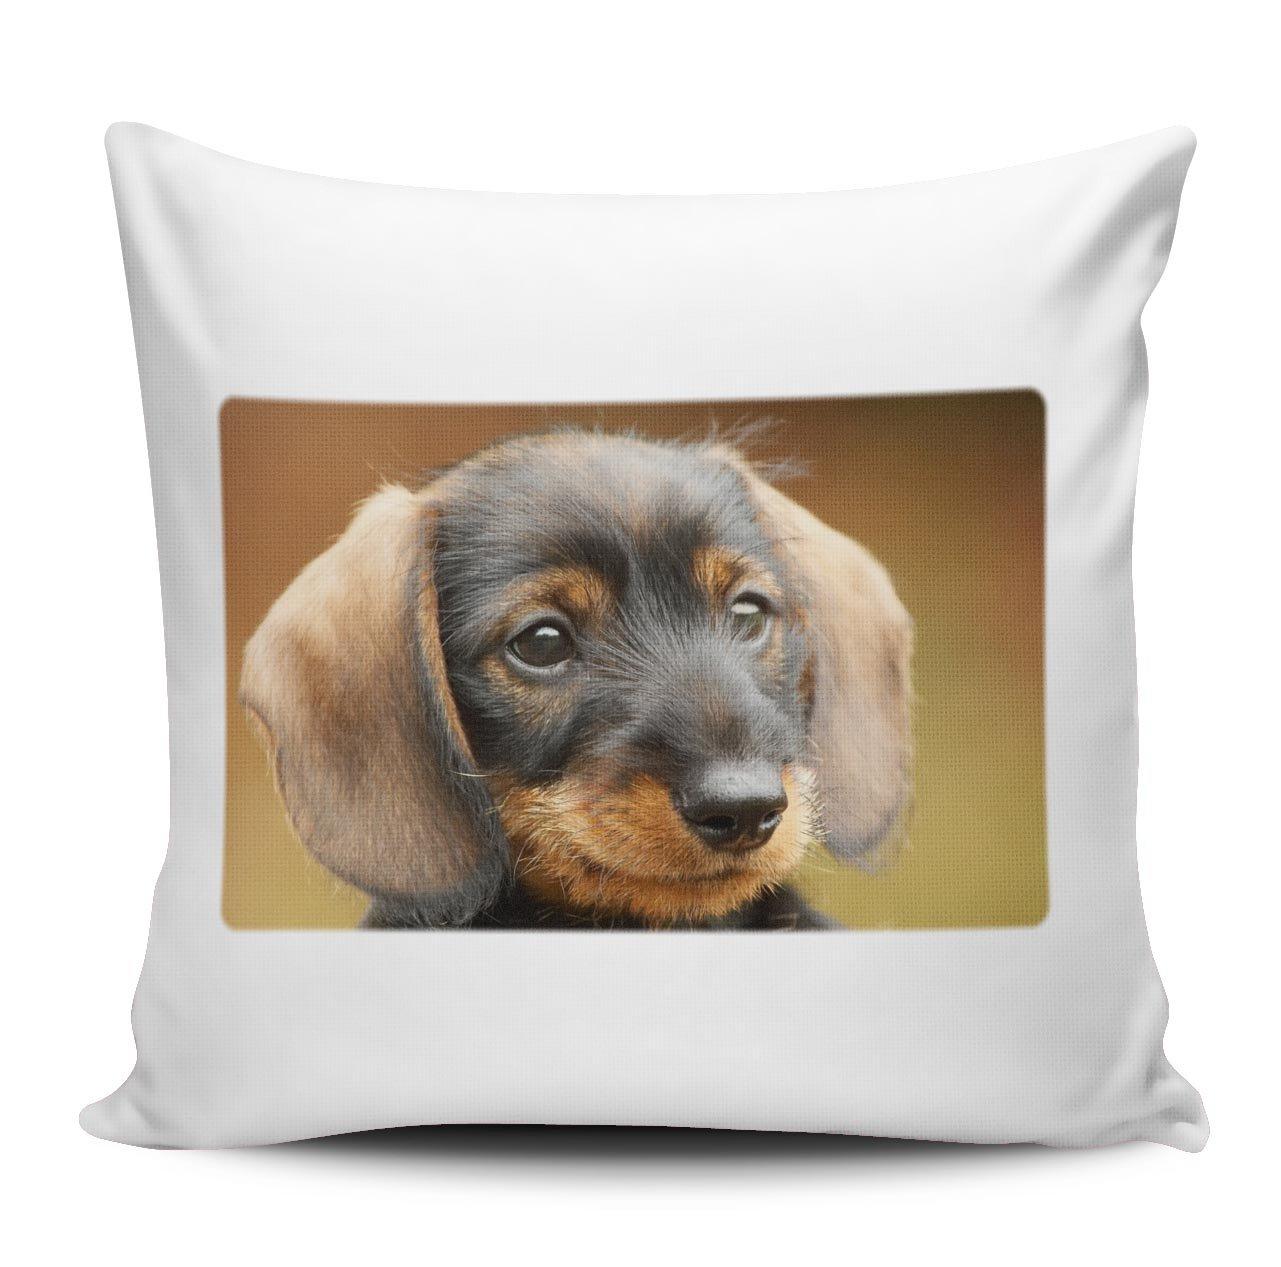 Funda de cojín/almohada de 40 x 40 cm - Diseño: Perro ...